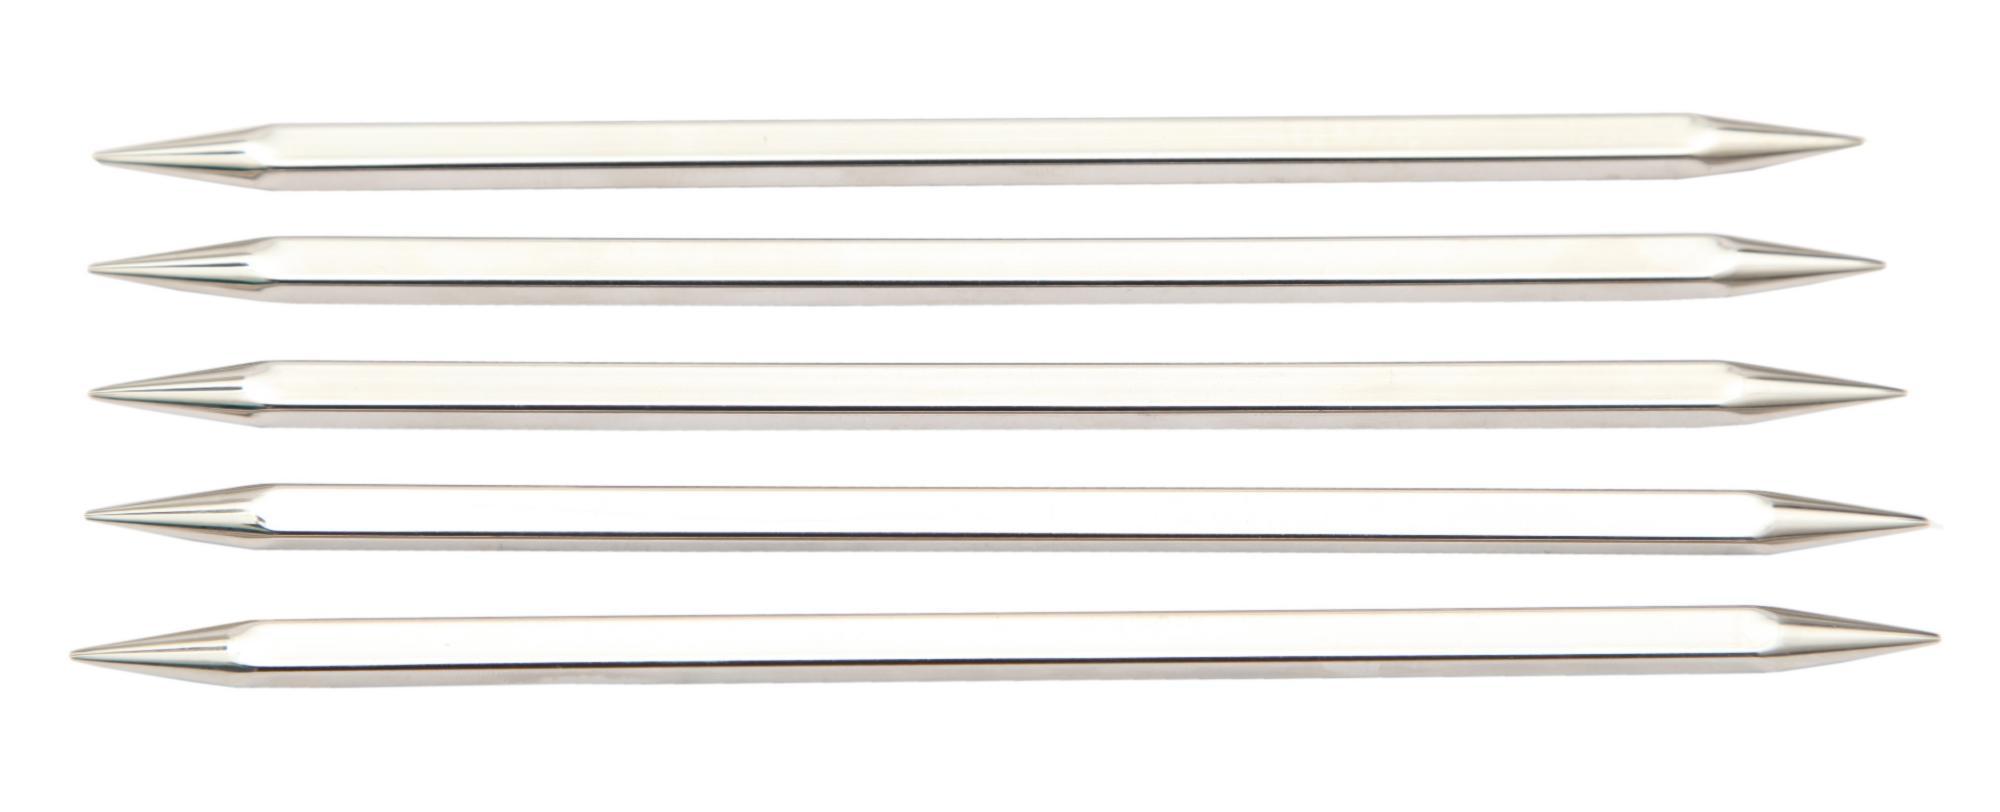 Спицы носочные 20 см Nova Cubics KnitPro, 12123, 2.50 мм